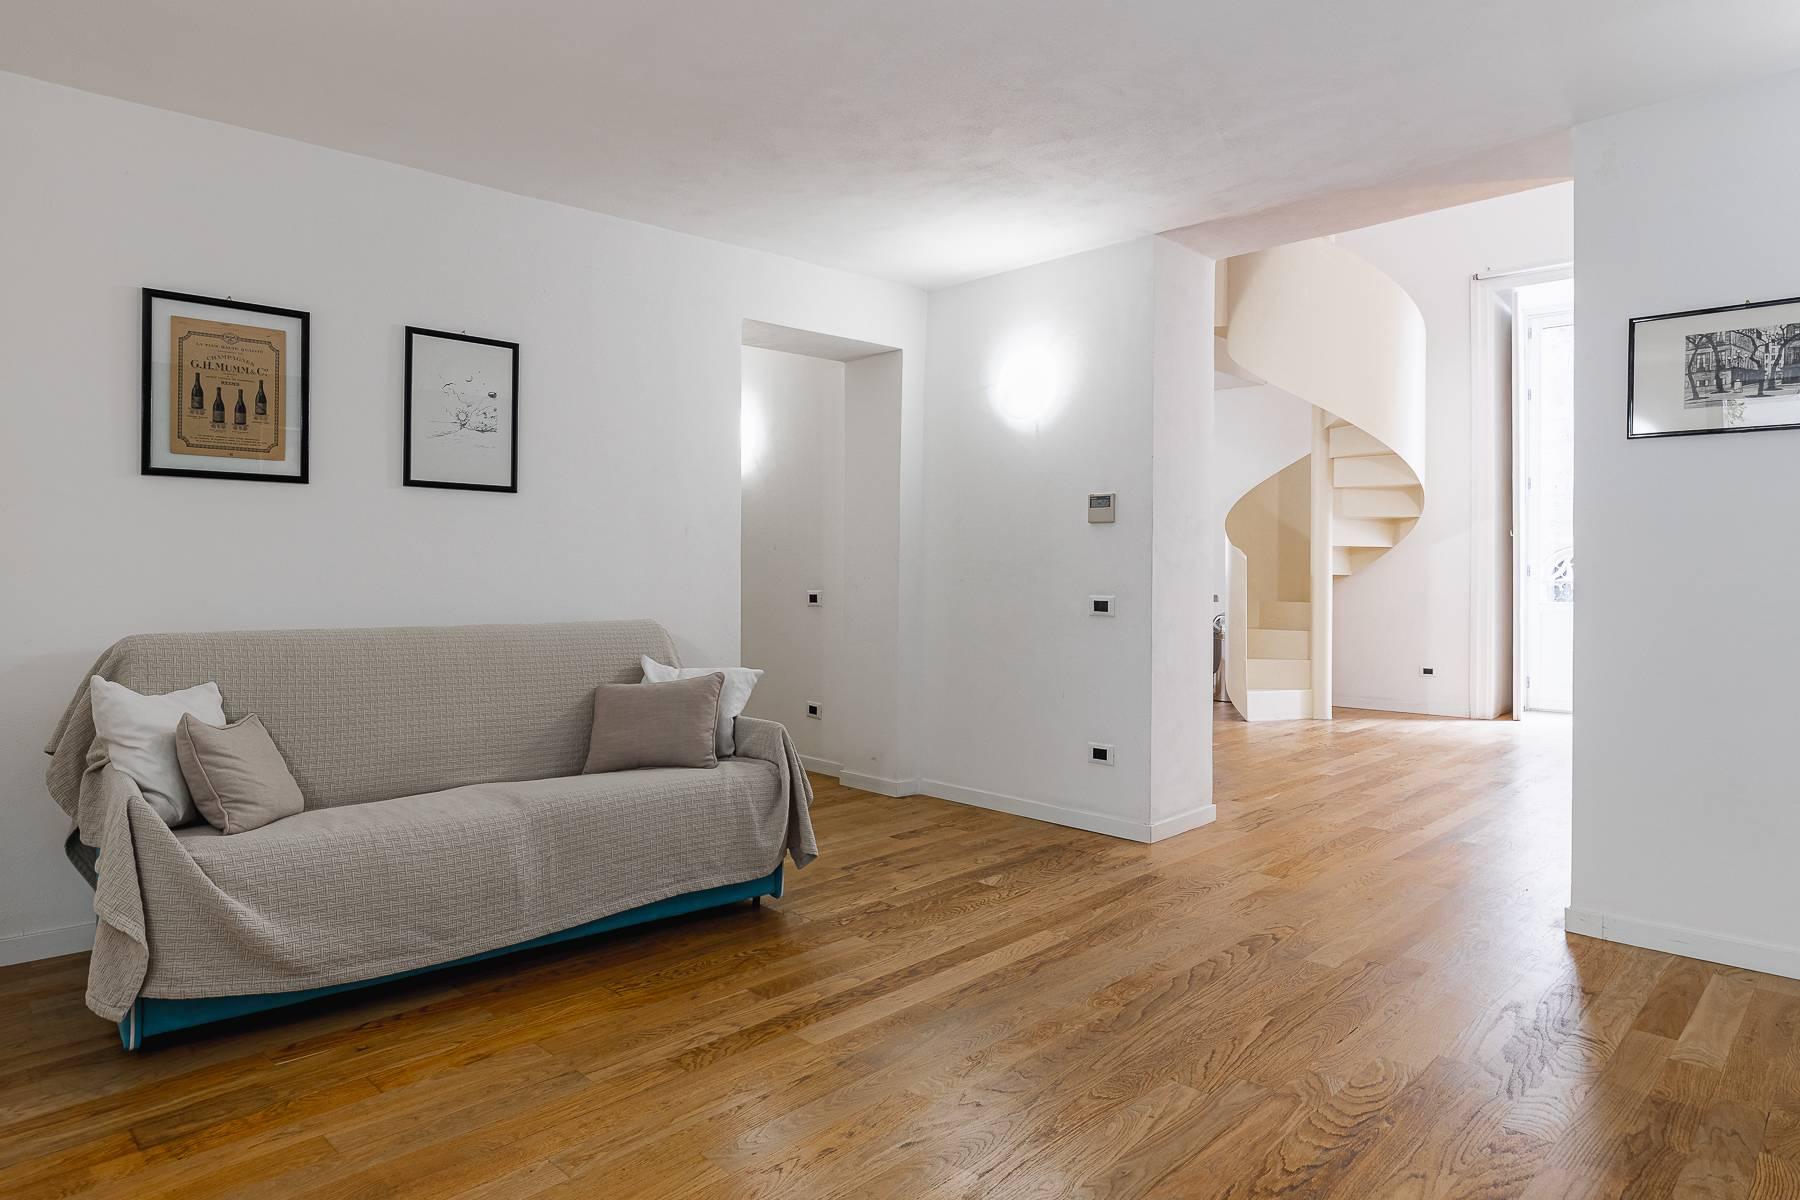 Appartamento in Vendita a Palermo: 4 locali, 154 mq - Foto 2